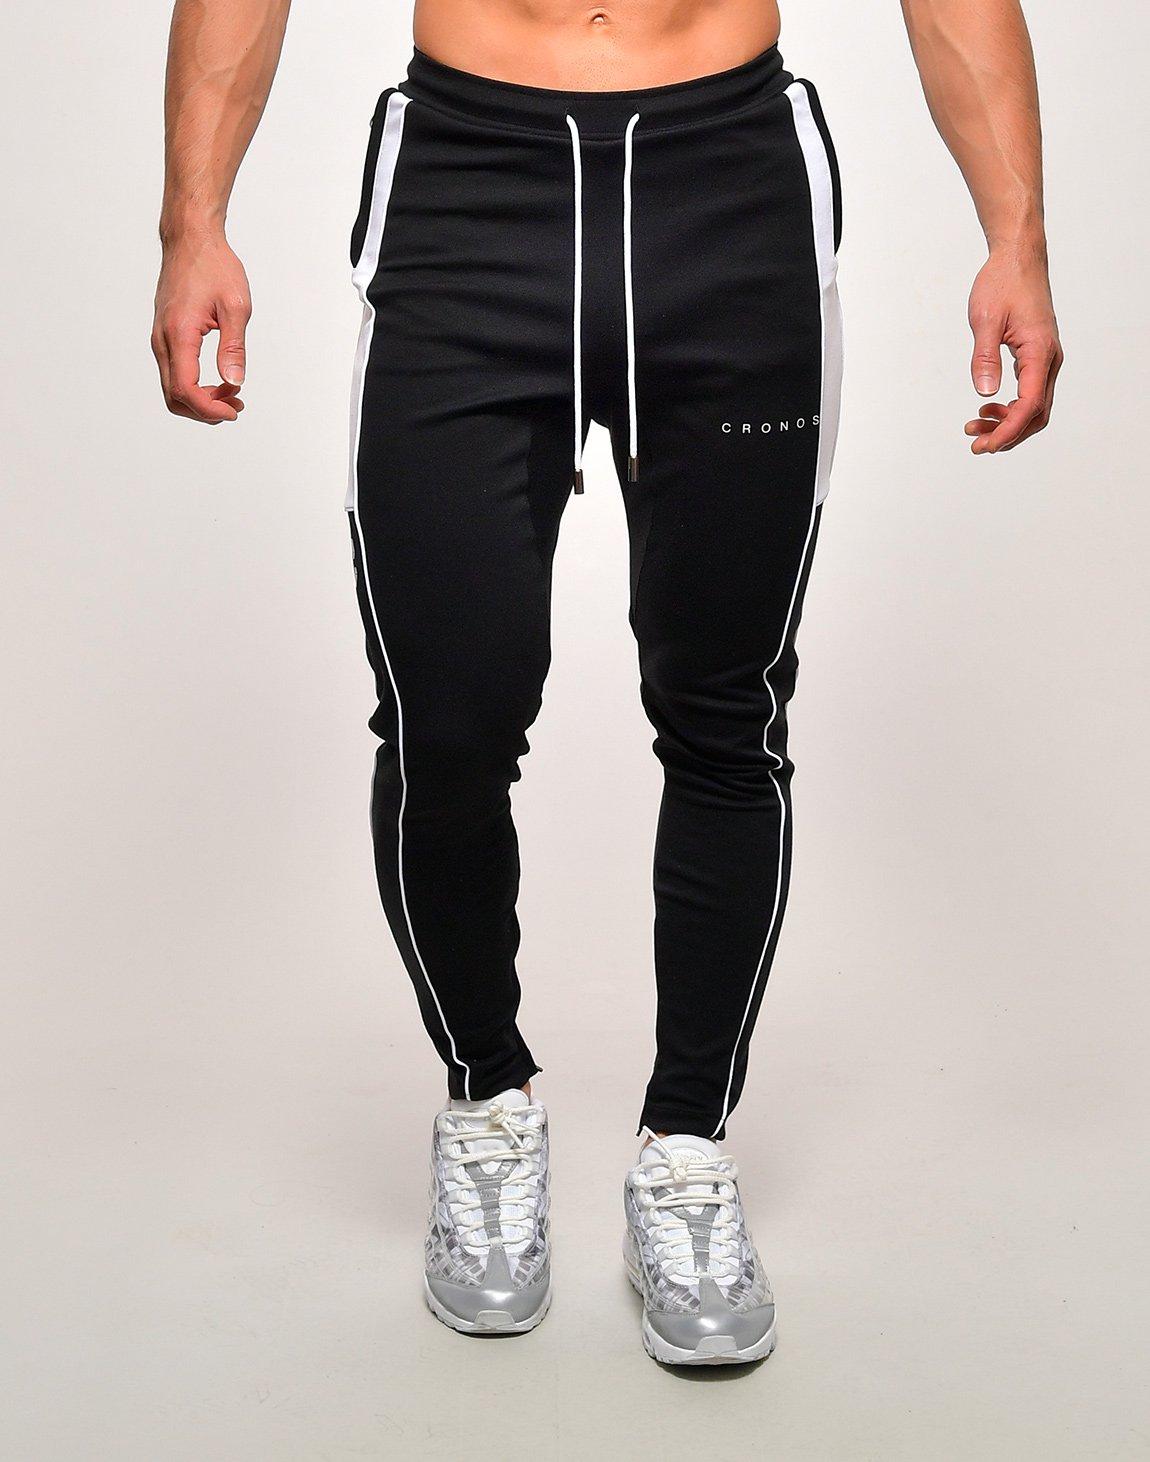 CRONOS ROUND PULLER ZIP PANTS【BLACK×WHITE】